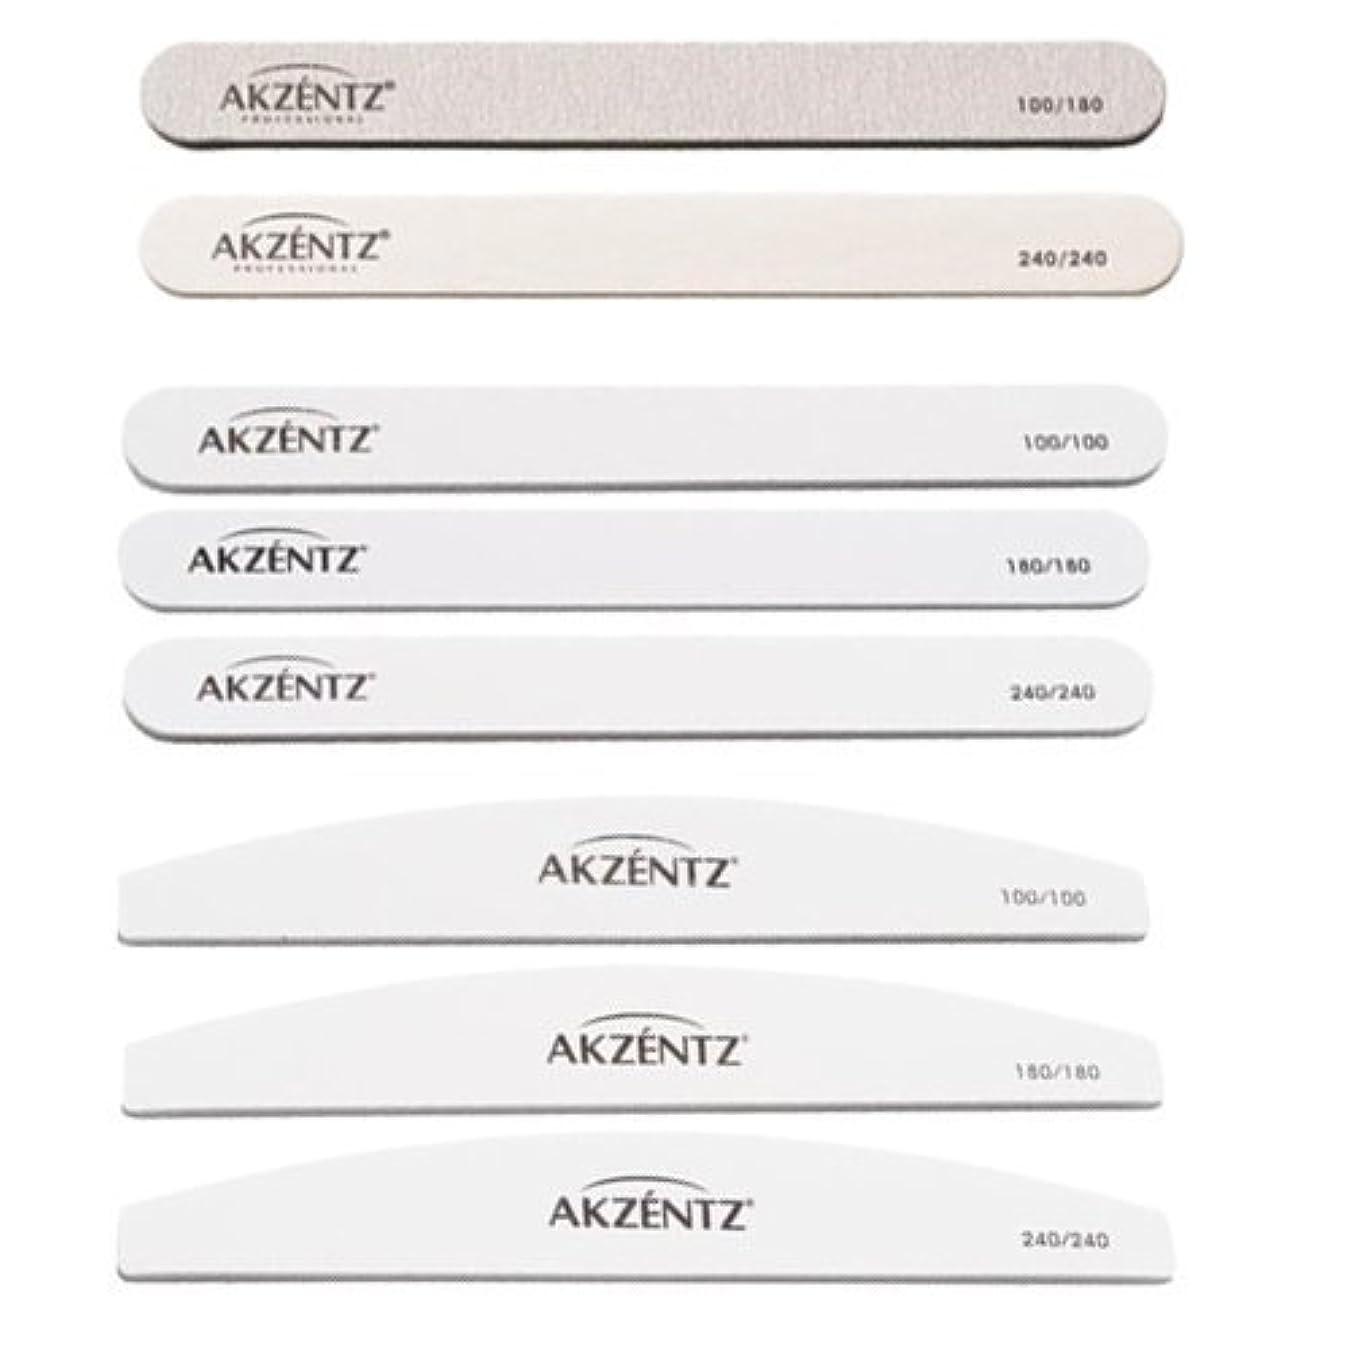 否認する薬サイドボードAKZENTZ アクセンツ ネイルケア ボードファイル 8本セット